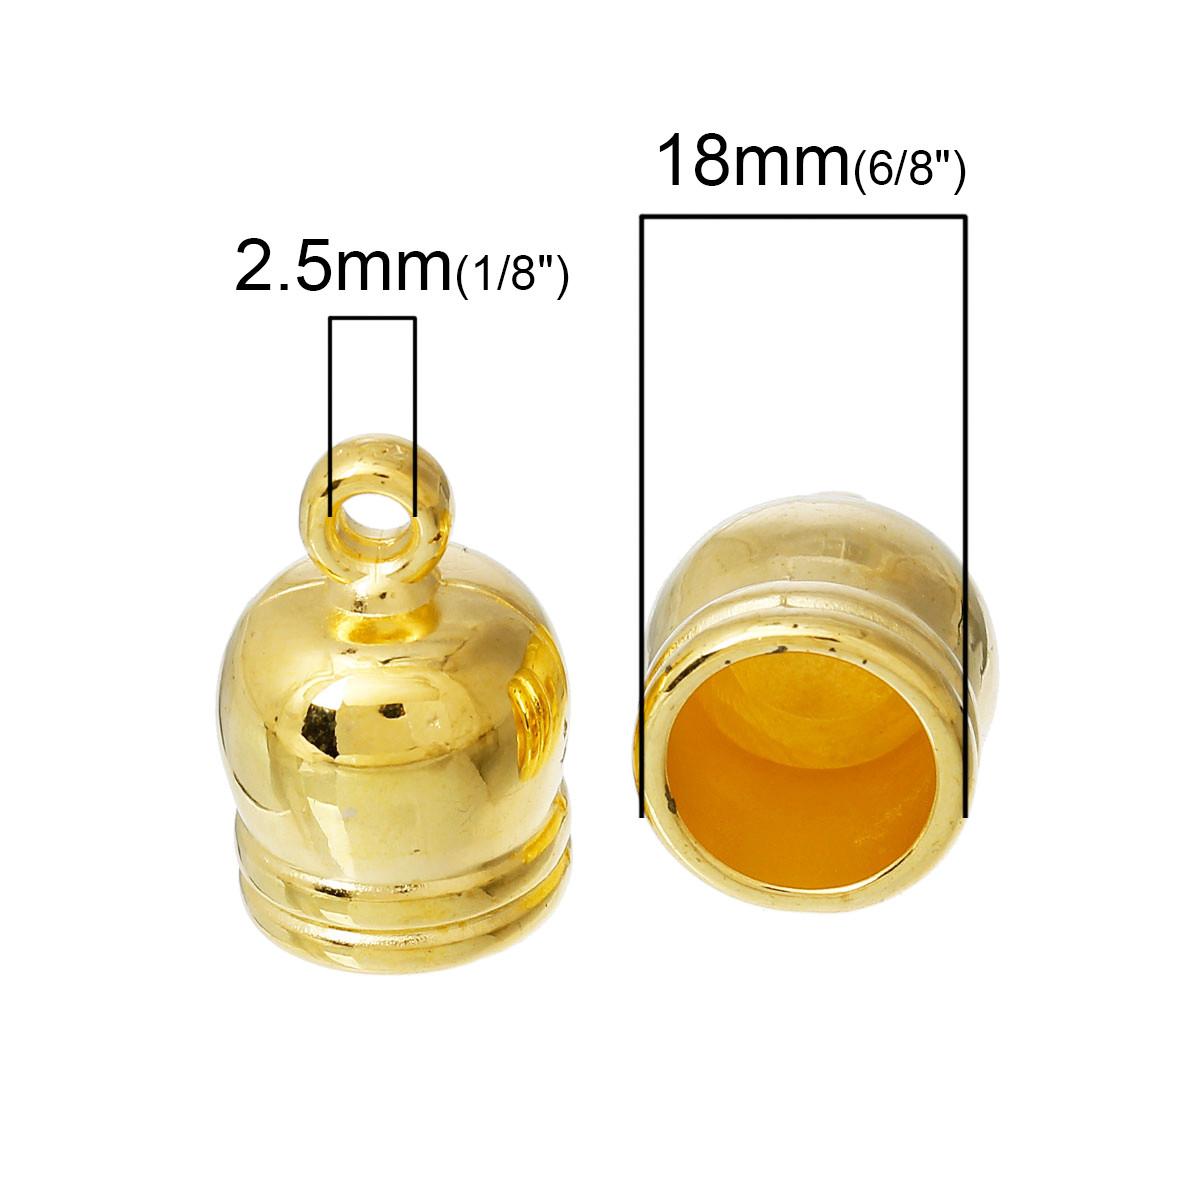 """Зажим-концевик, Бочка, Цвет: золото 18.0мм x 12.0мм, для шнура 9.0mm - Интернет-маркет """"Прикраса"""" в Черкасской области"""